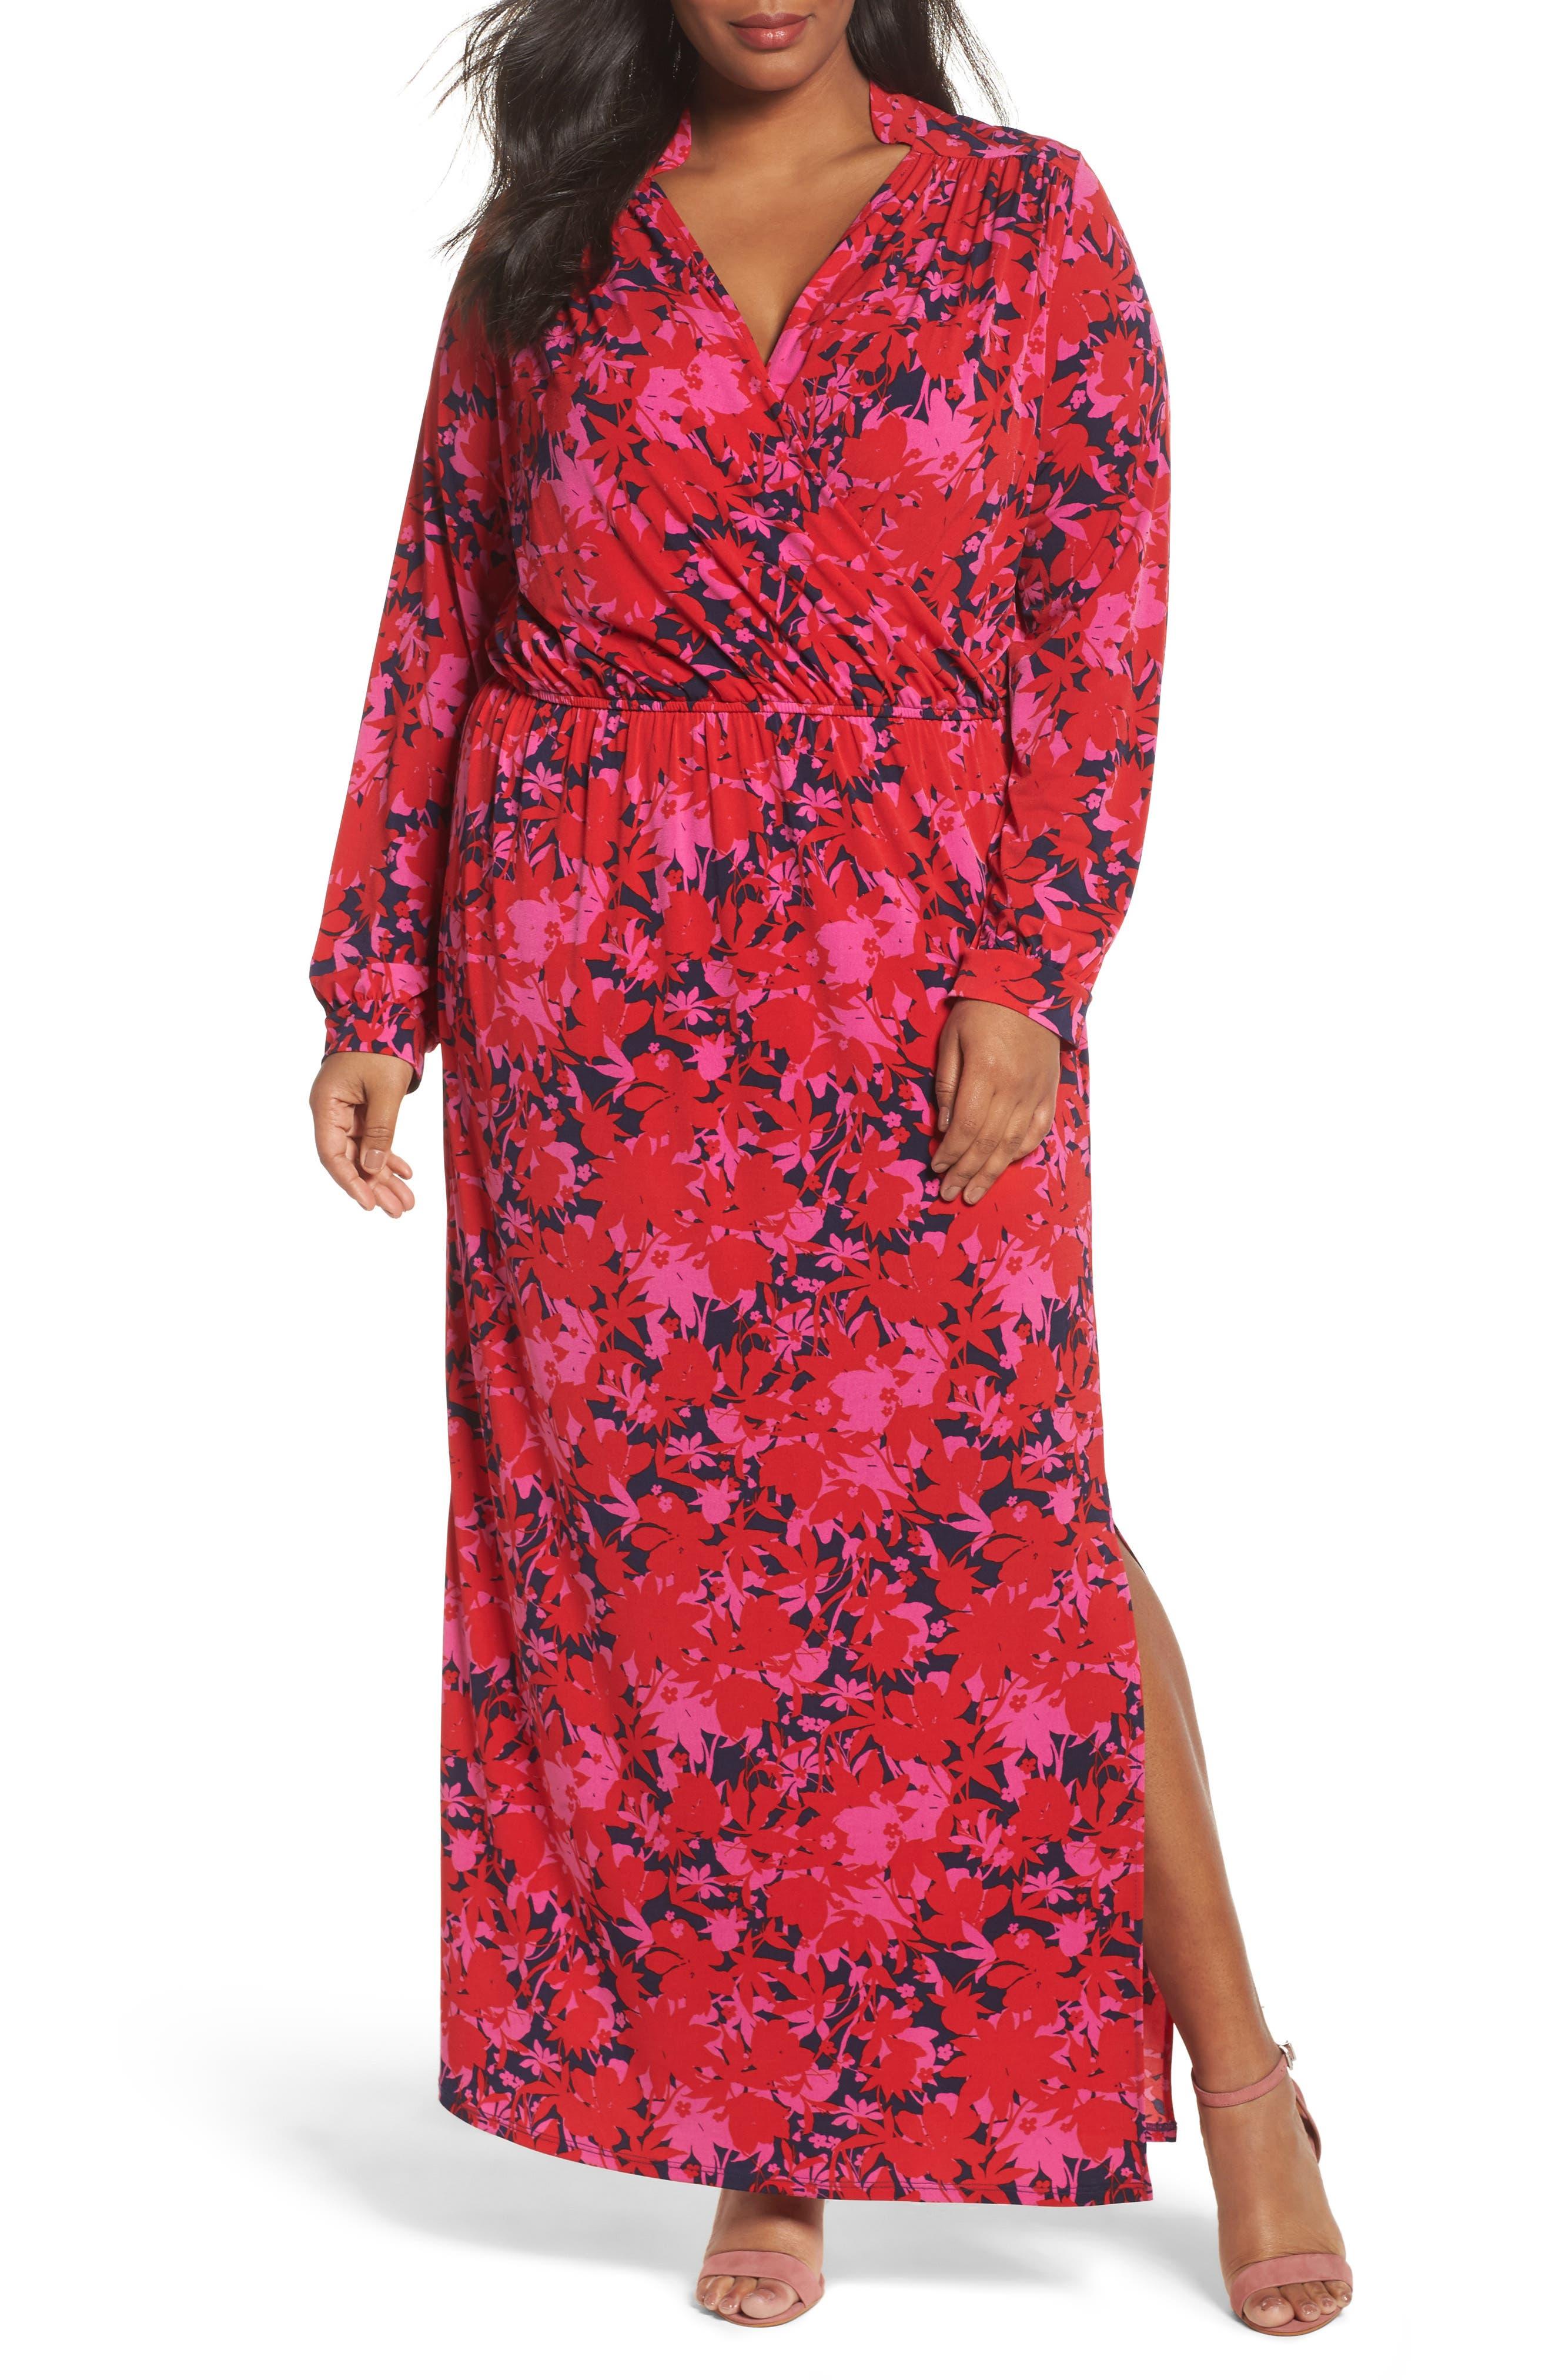 Main Image - Leota Bridget Floral Faux Wrap Maxi Dress (Plus Size)